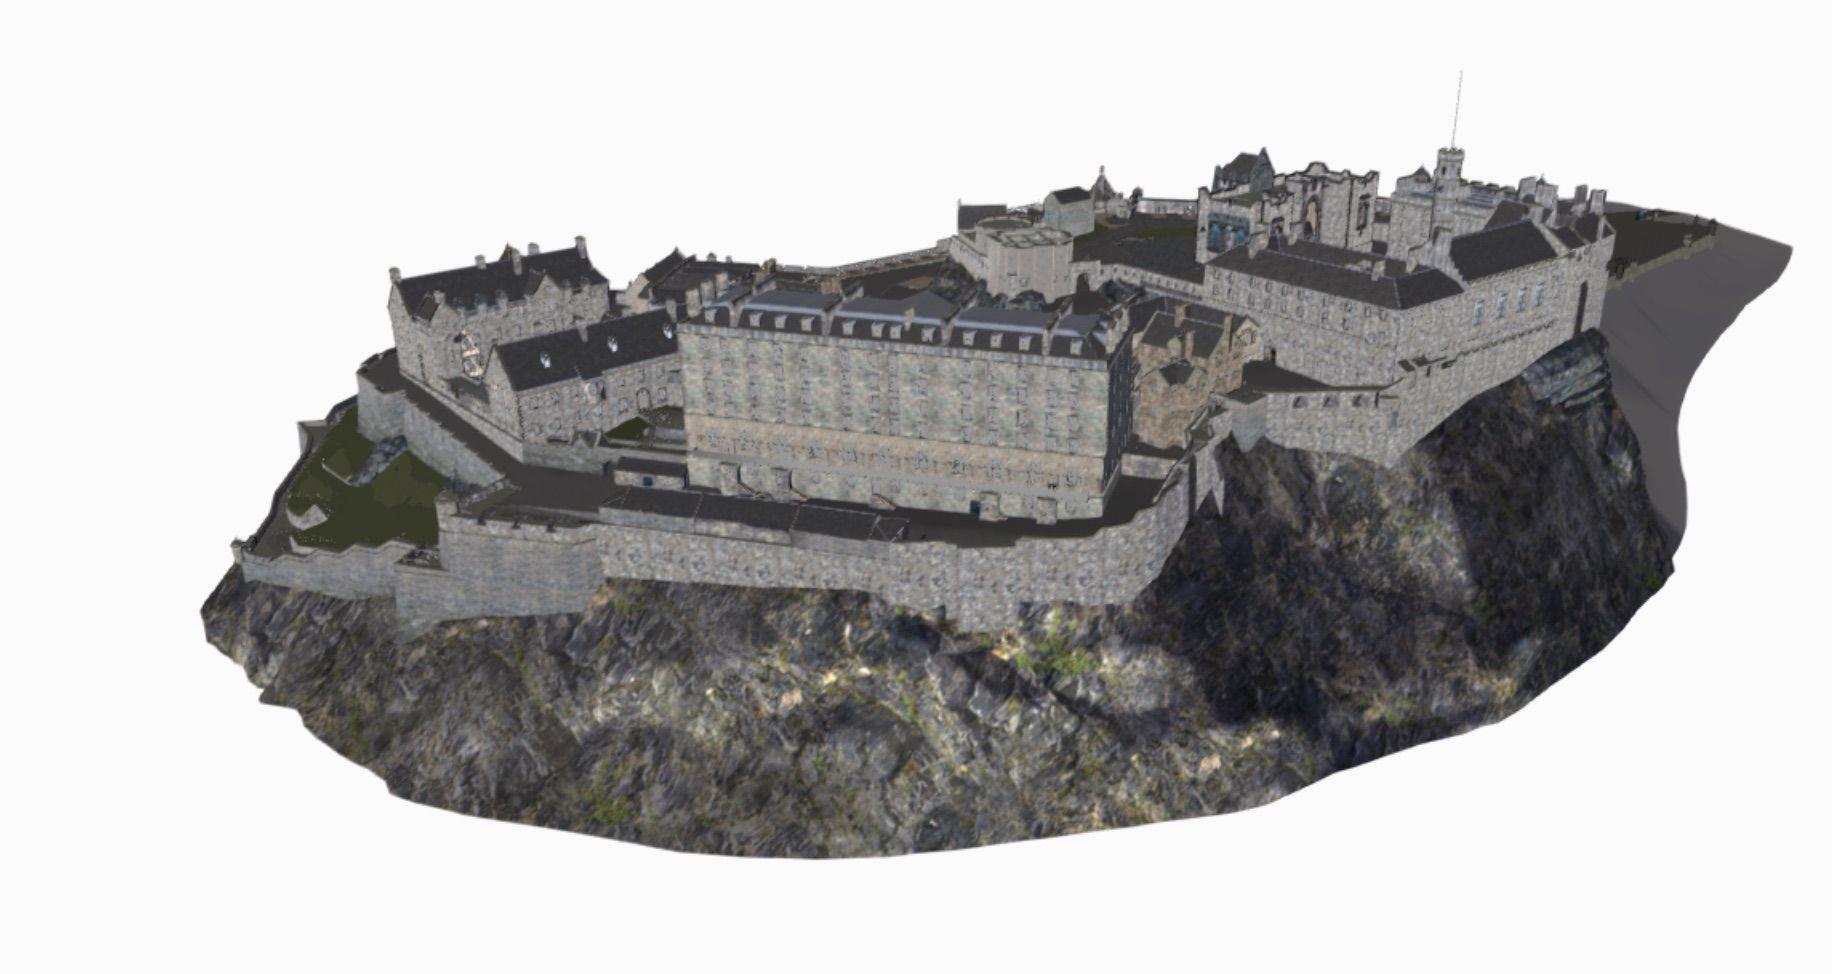 Une reproduction du château d'Edimbourg